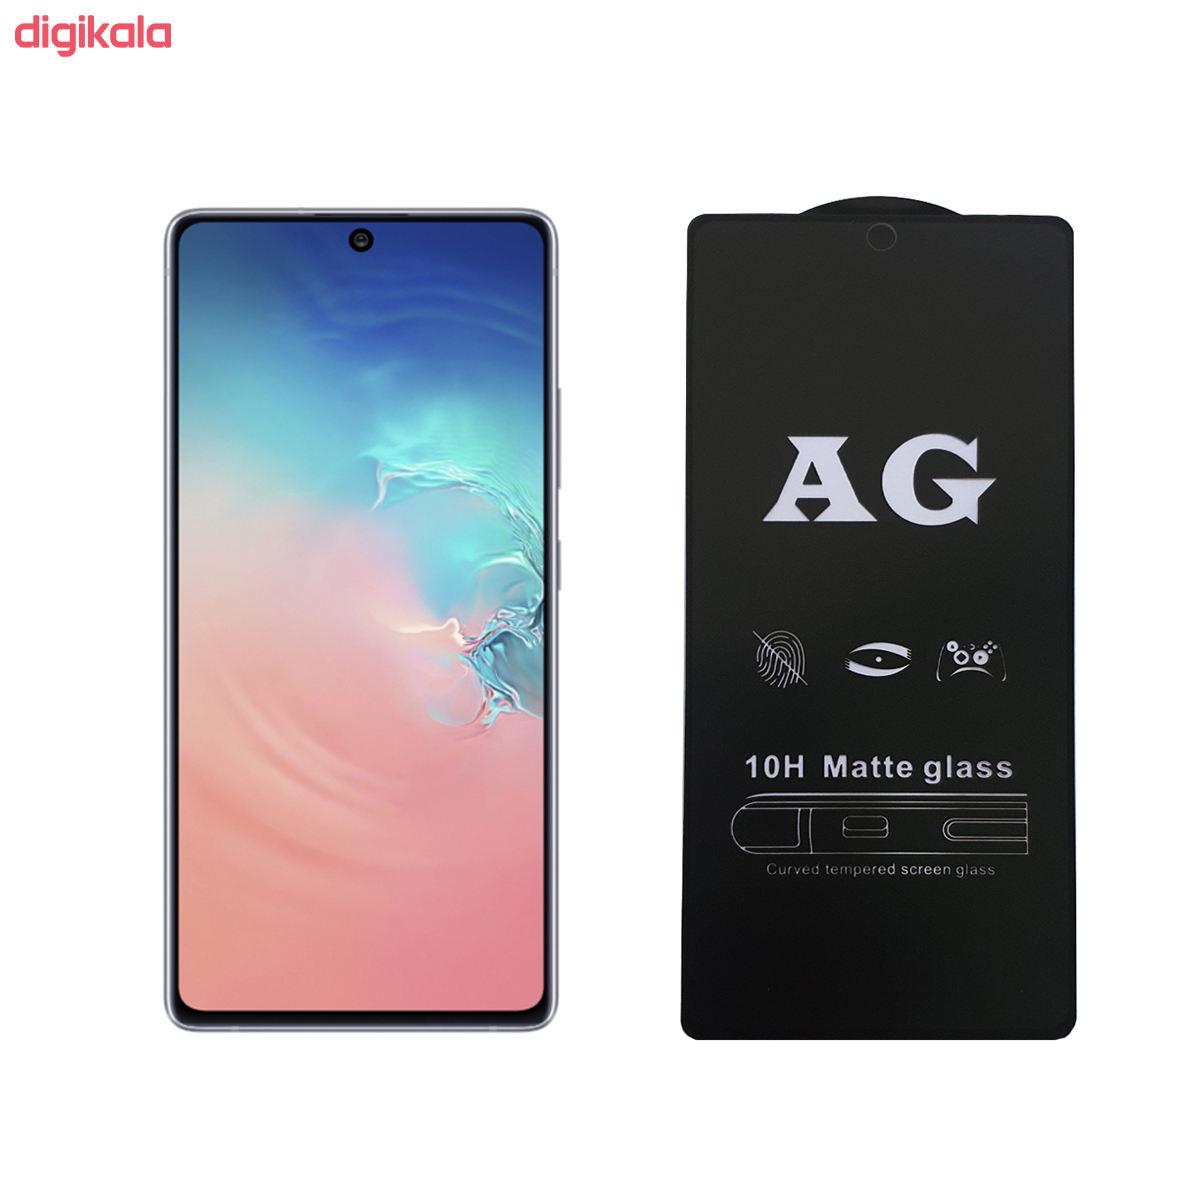 محافظ صفحه نمایش مدل FLM01to مناسب برای گوشی موبایل سامسونگ Galaxy S10 lite